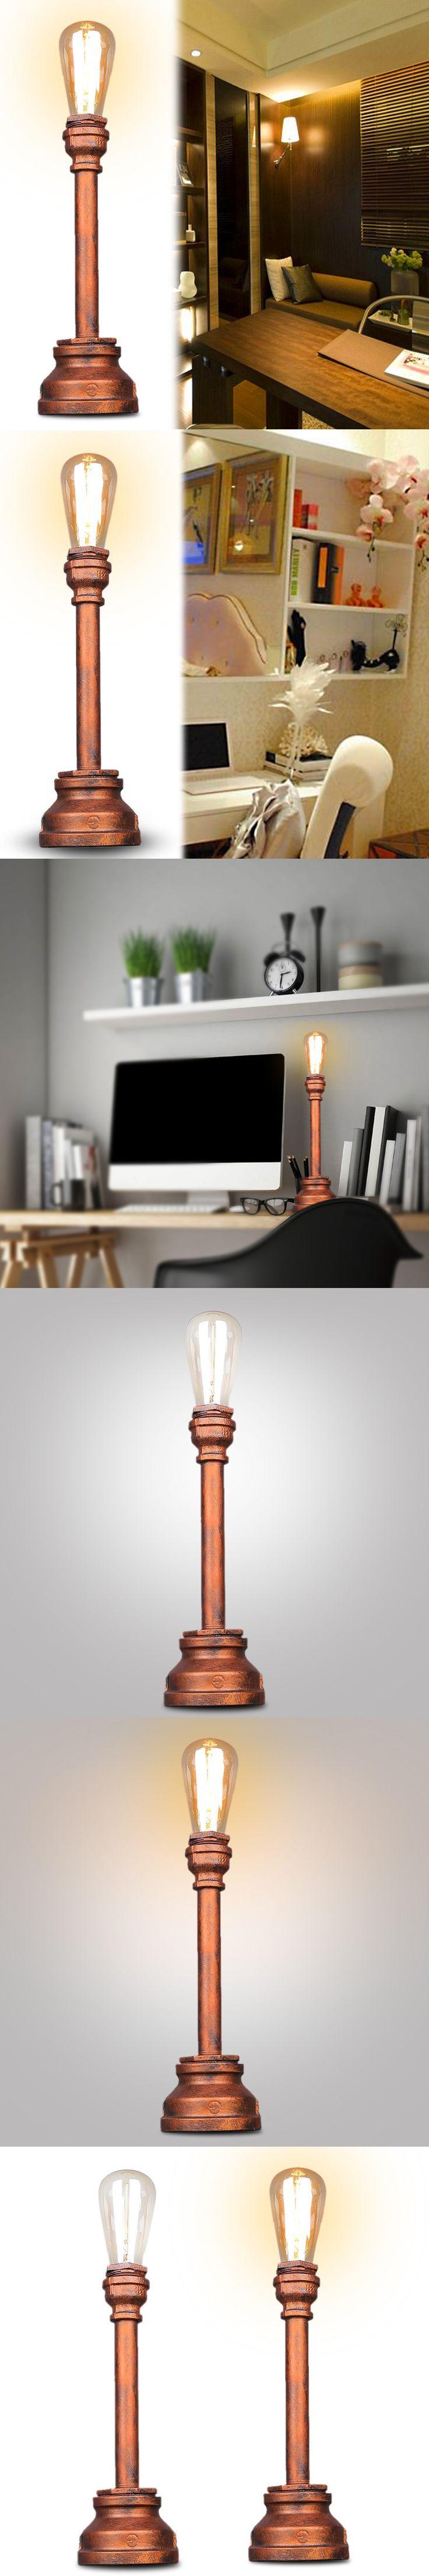 Reading lights for bedroom - Vintage Industrial Table Lamps Study Work Bar Bedroom Reading Lights Loft Water Pipe Table Desk Lights Bedside Lamps Home Decor